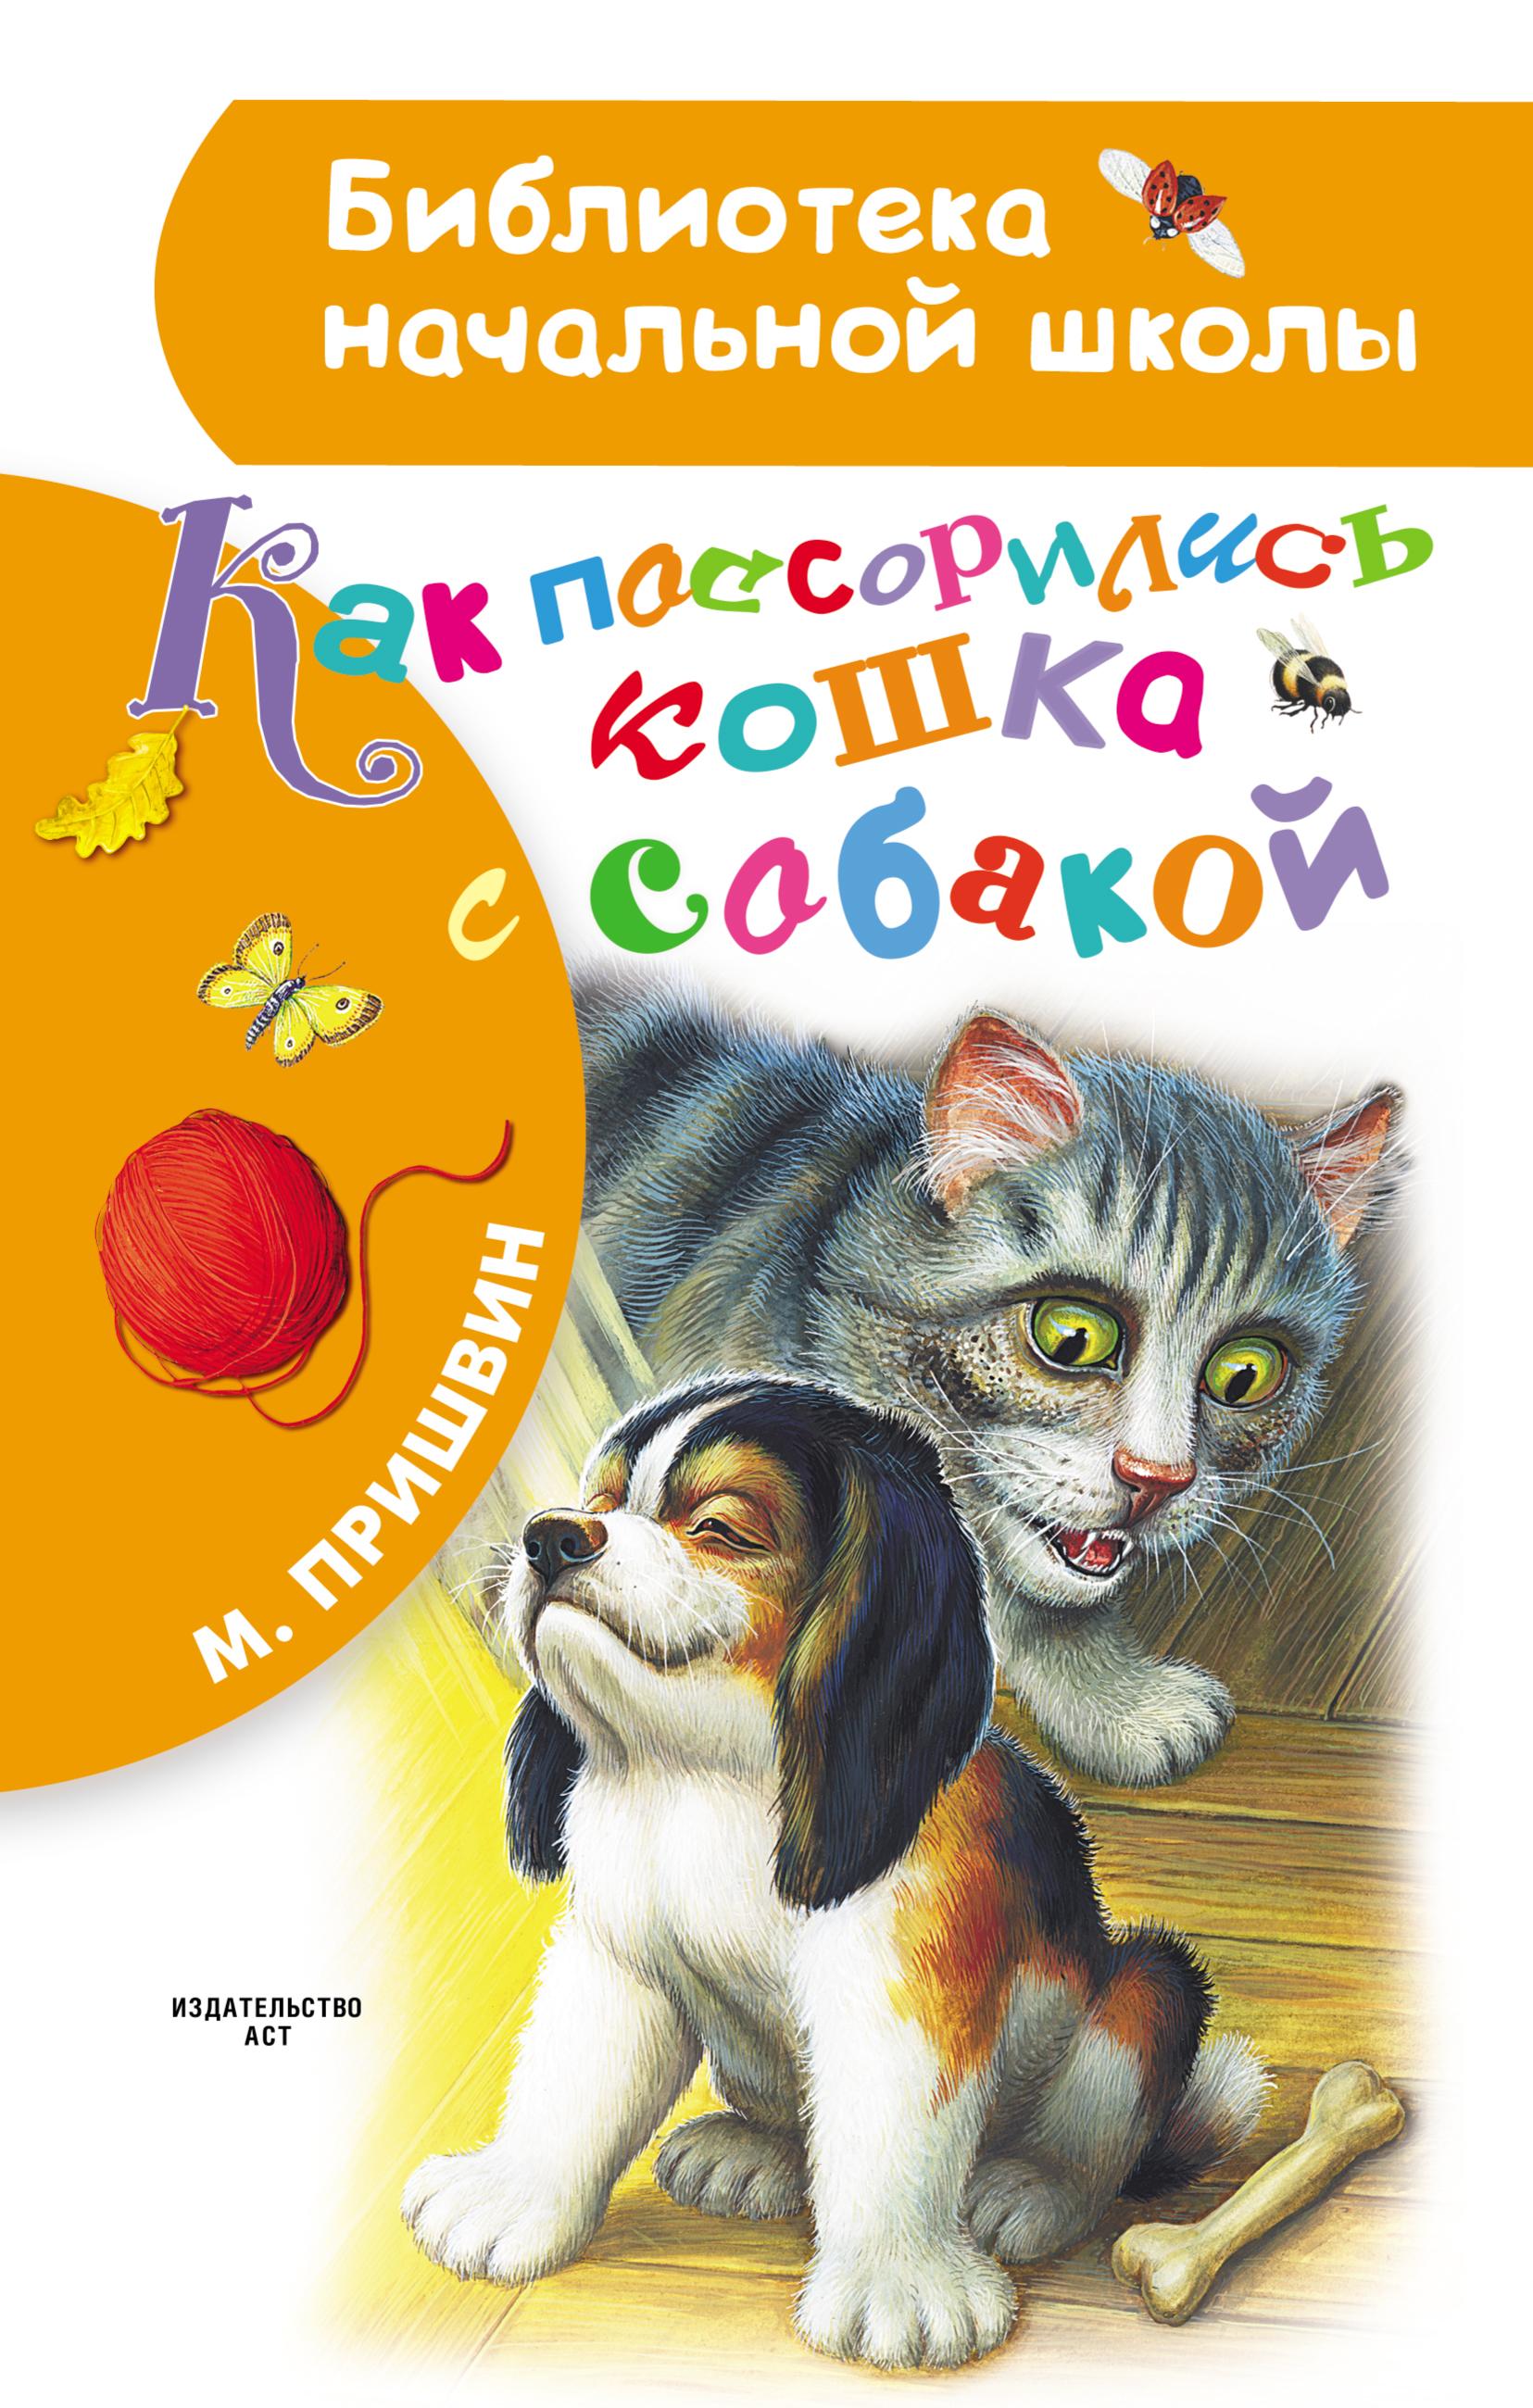 Михаил Пришвин Как поссорились кошка с собакой михаил пришвин кладовая солнца сборник